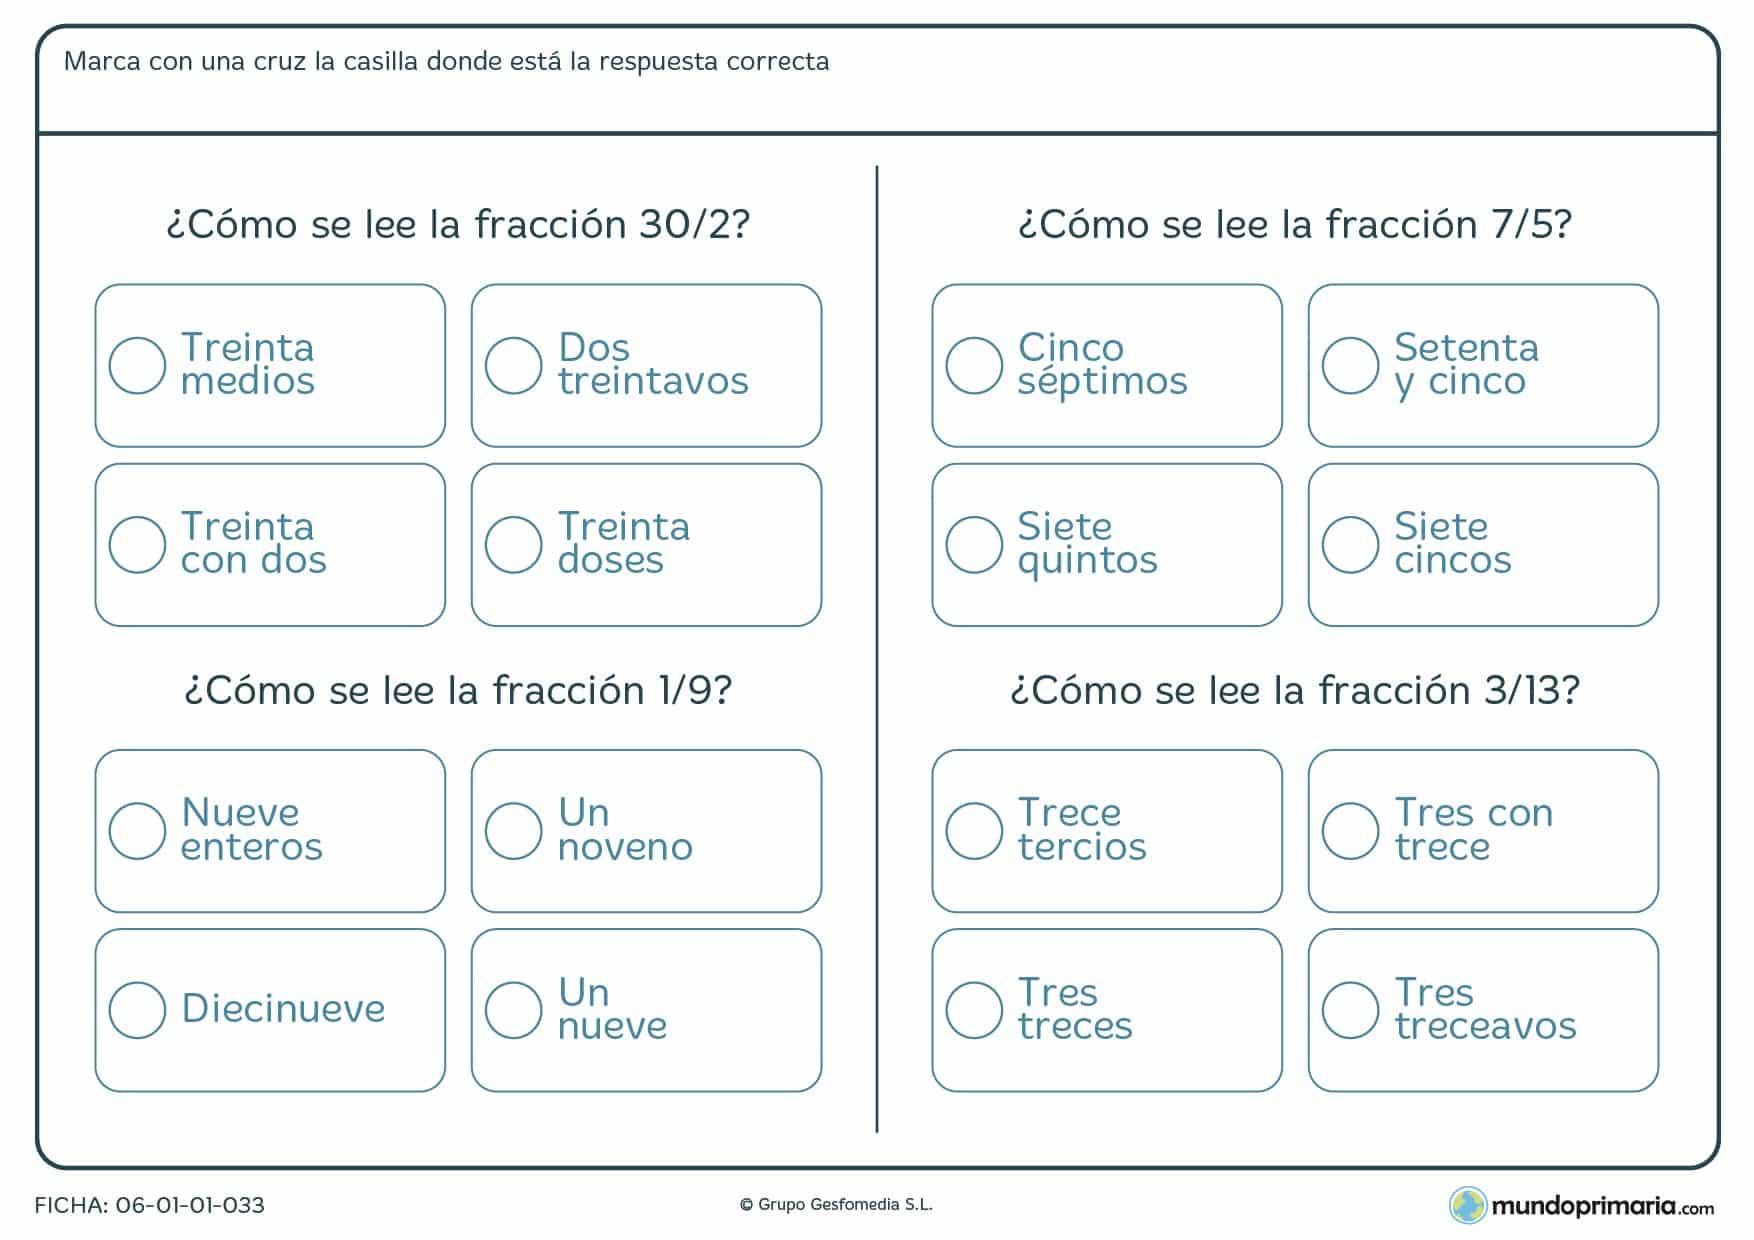 Ficha de acertar la lectura correcta de fracciones en la que el niño o niña deberá seleccionar la respuesta correcta de entre las propuestas